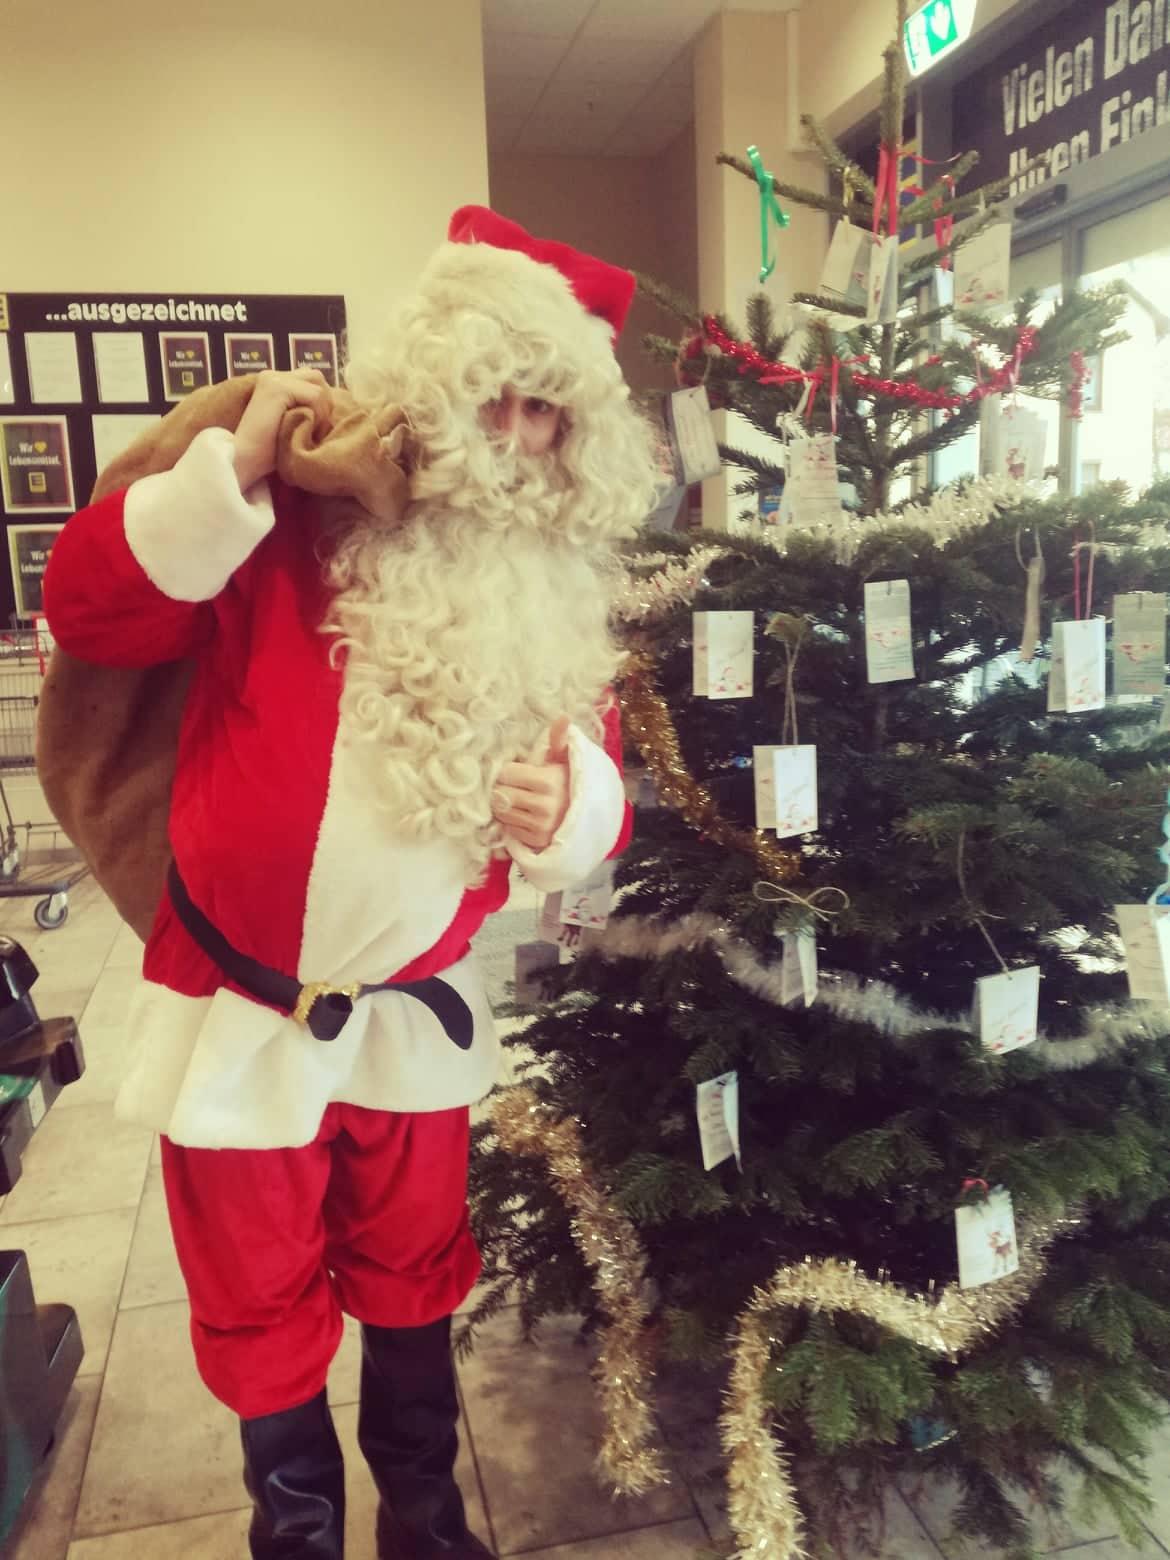 Wild Emotion Events Gmbh Unsere Weihnachtsmänner 2018 Wild